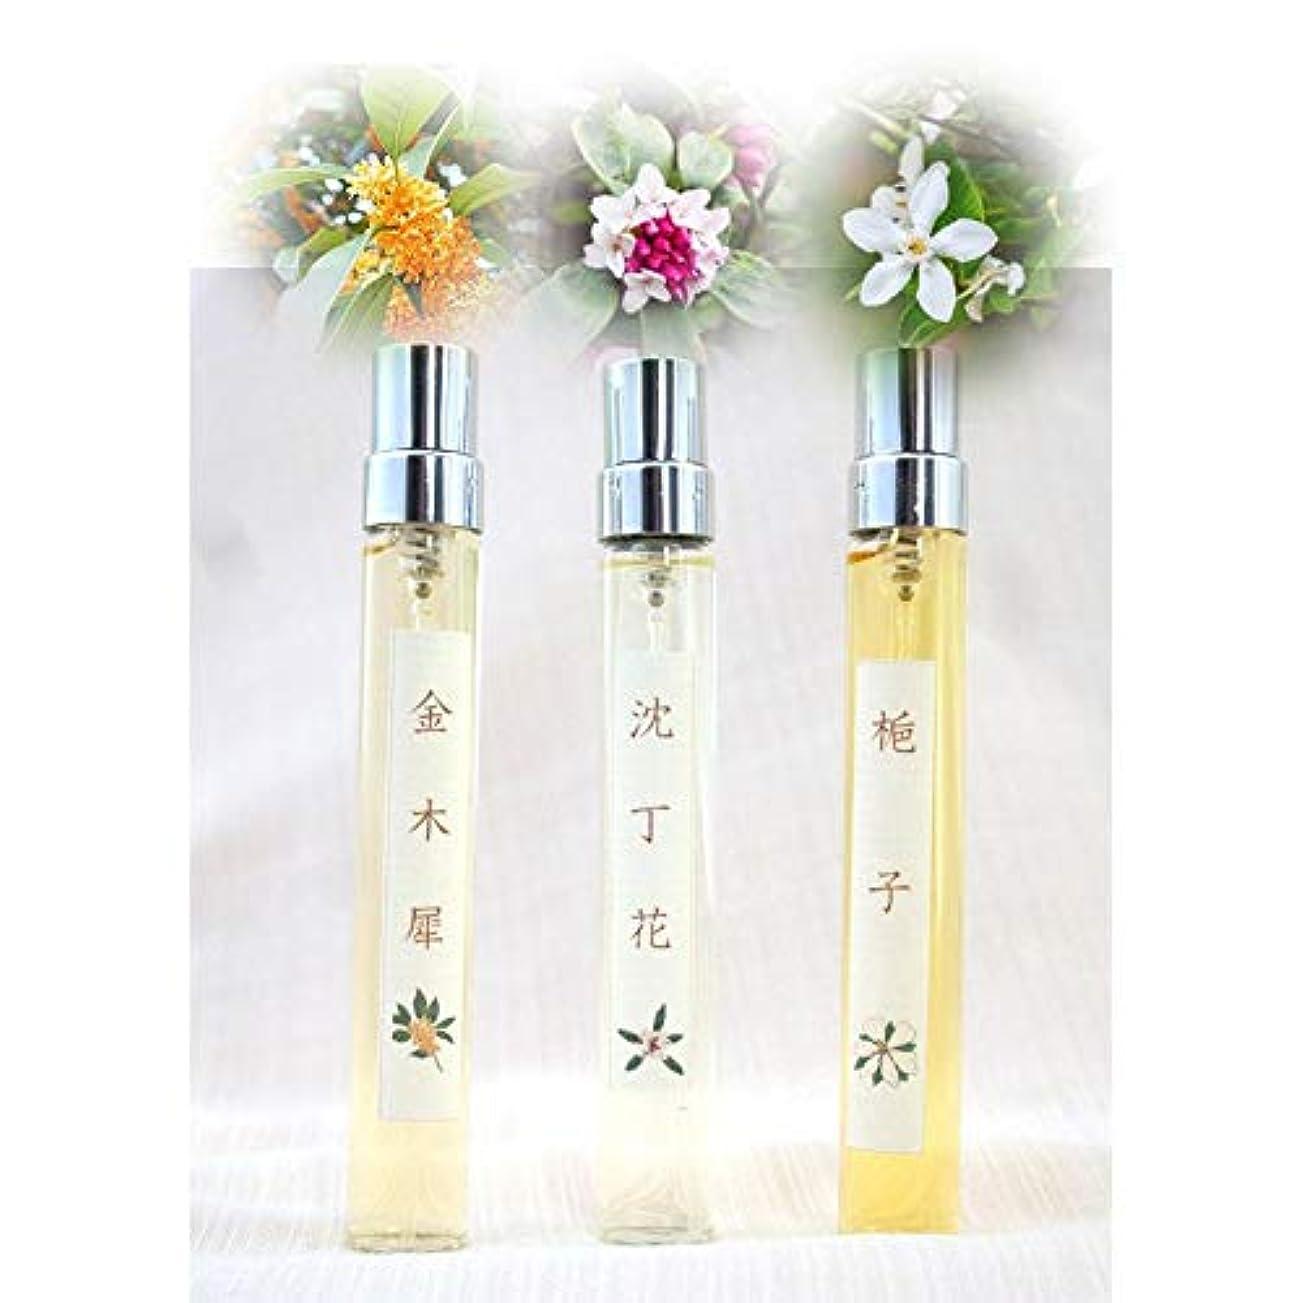 選ぶ水銀の簡単な「三大香木シリーズ」10ml×3本セット 香水を立てるワイヤースタンド付 金木犀 沈丁花 梔子